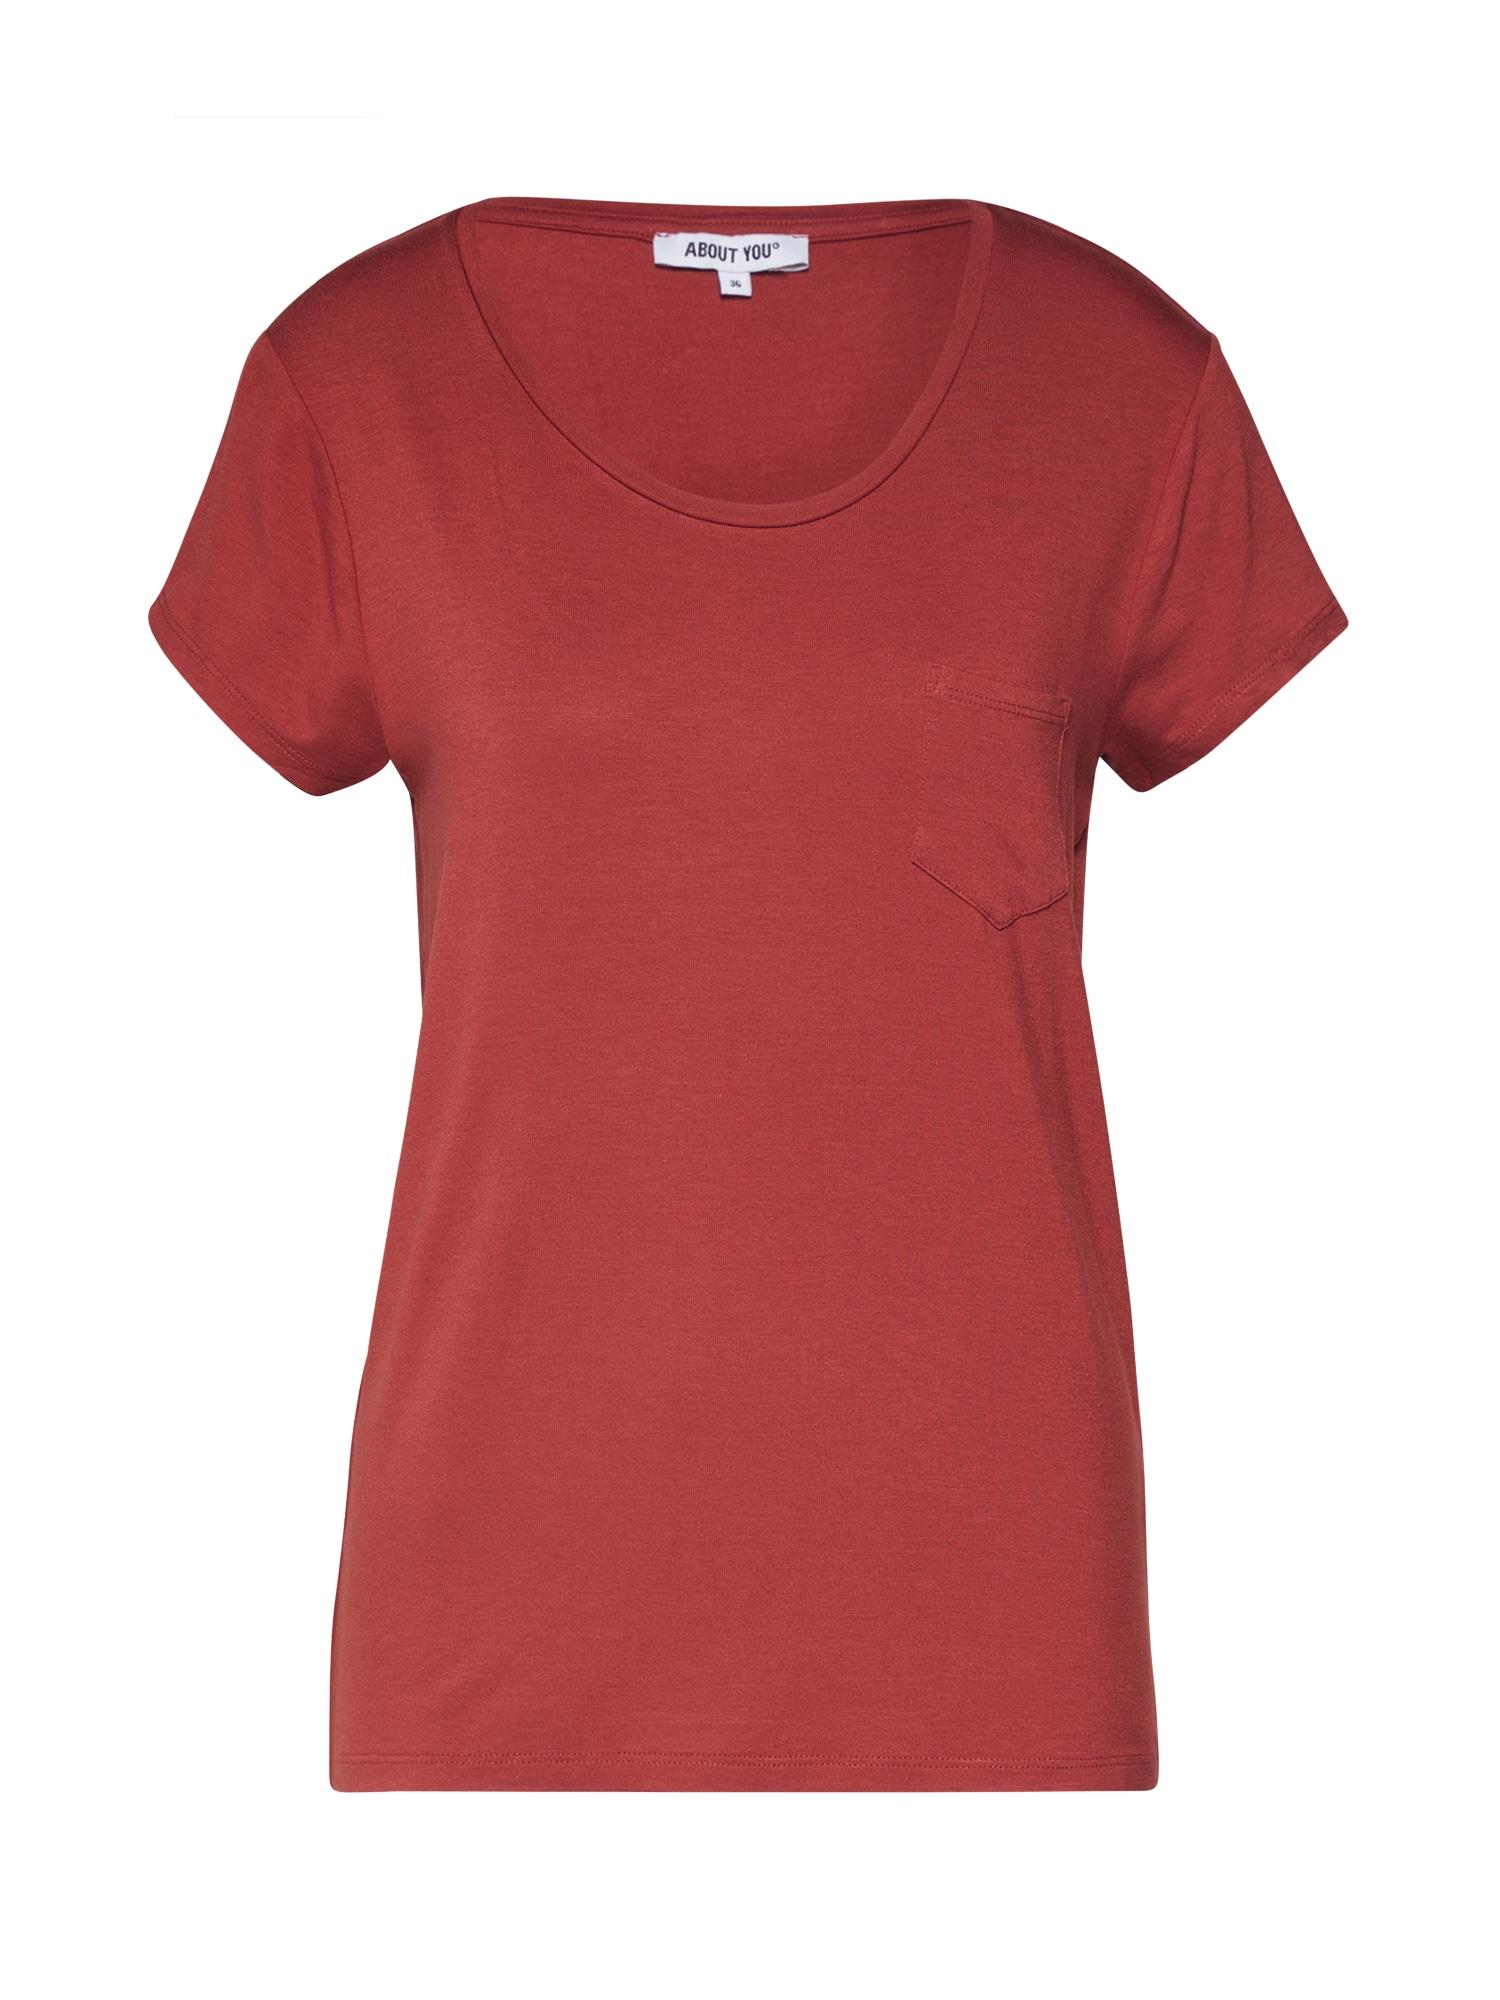 ABOUT YOU Marškinėliai 'Darina' rūdžių raudona